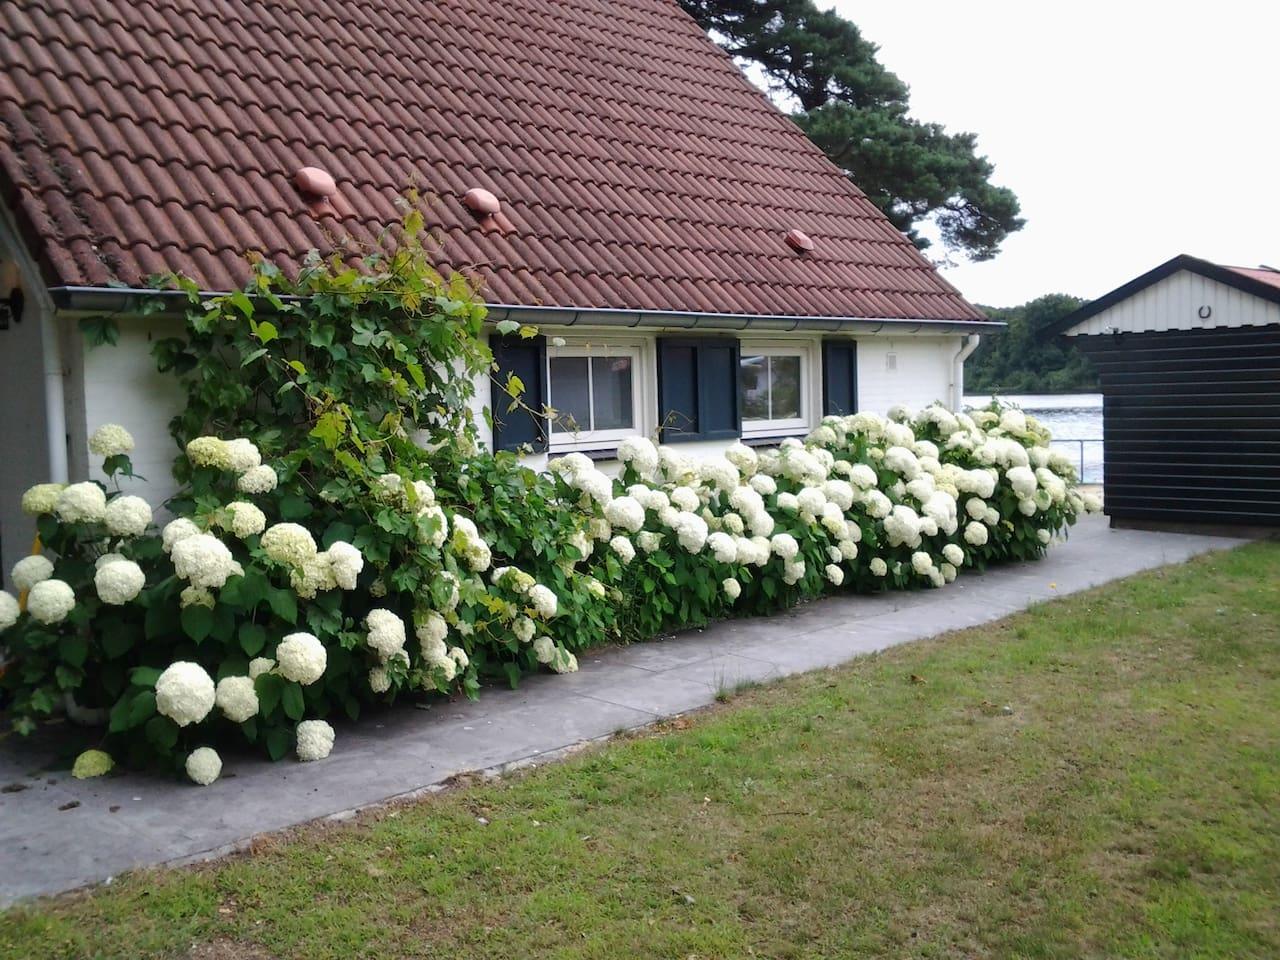 Blütenmeer am Haus